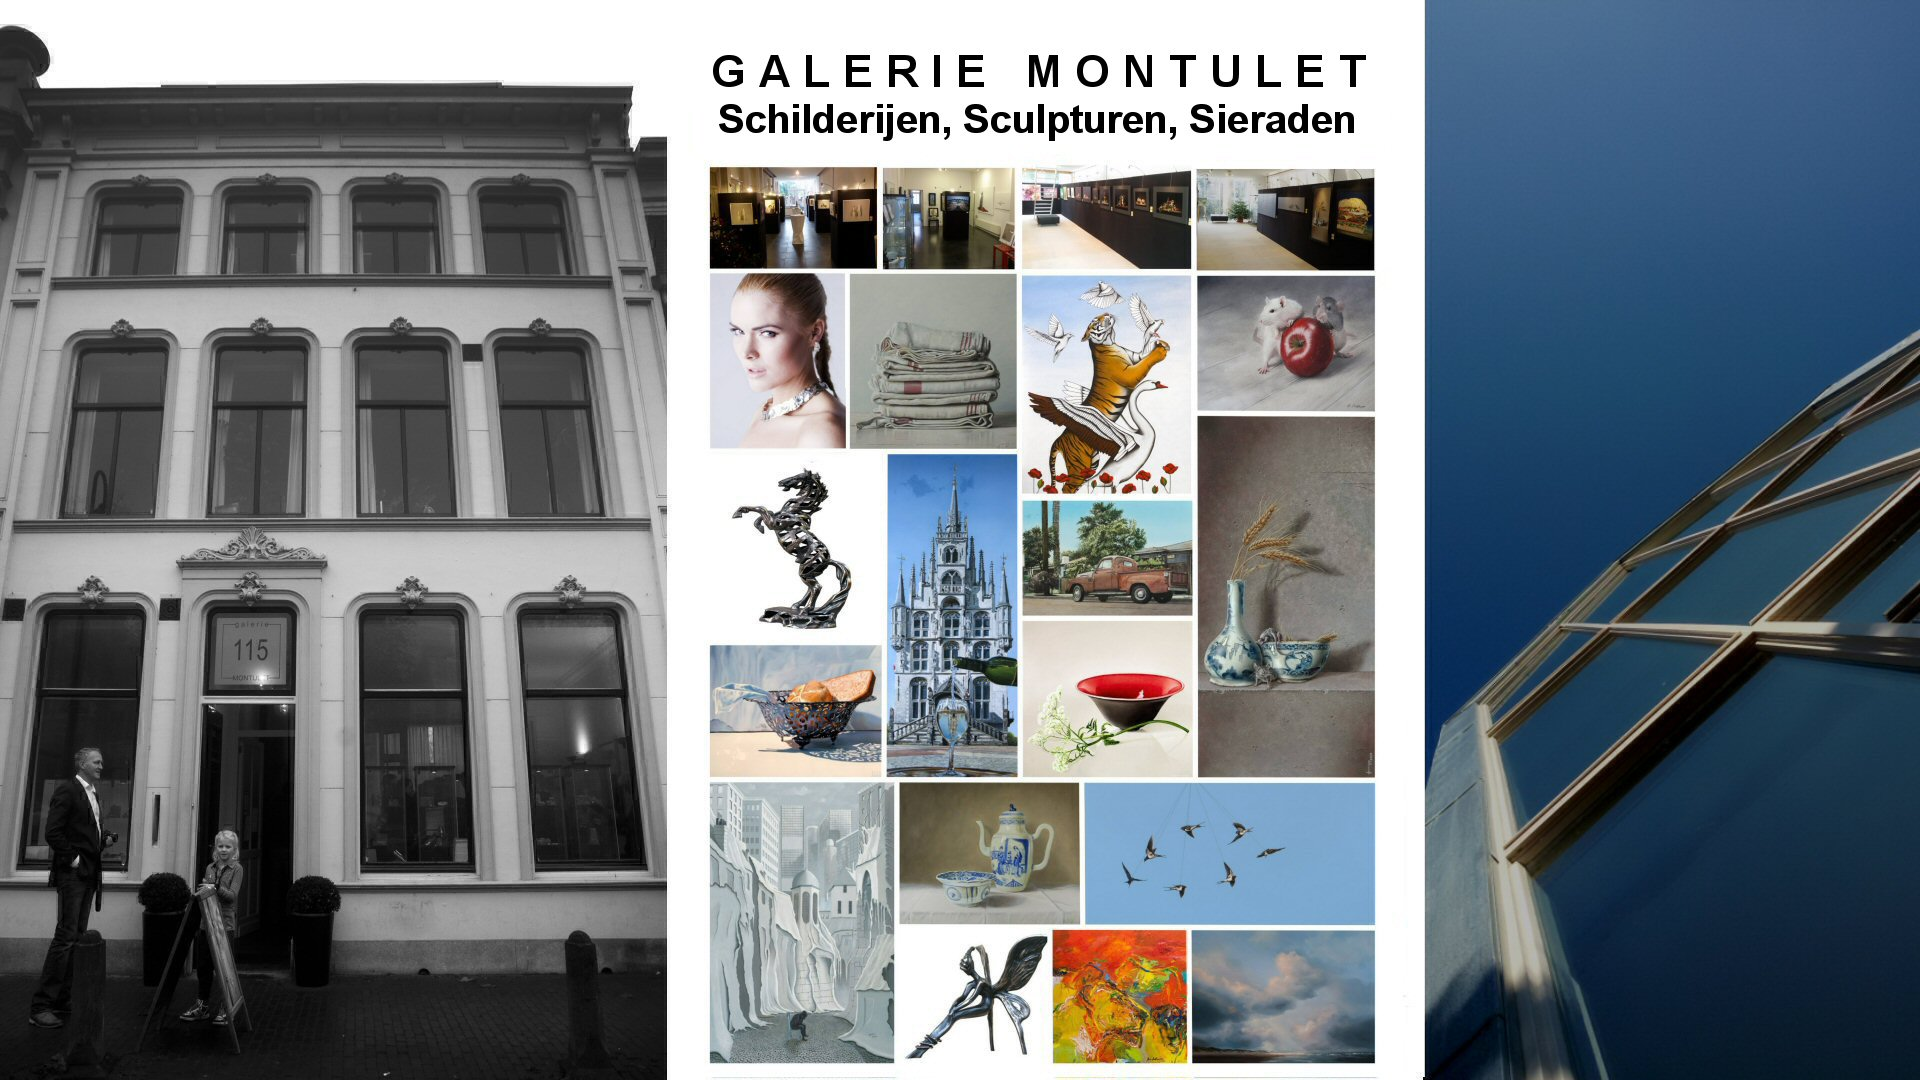 Galerie Montulet-voorpagina-standaard